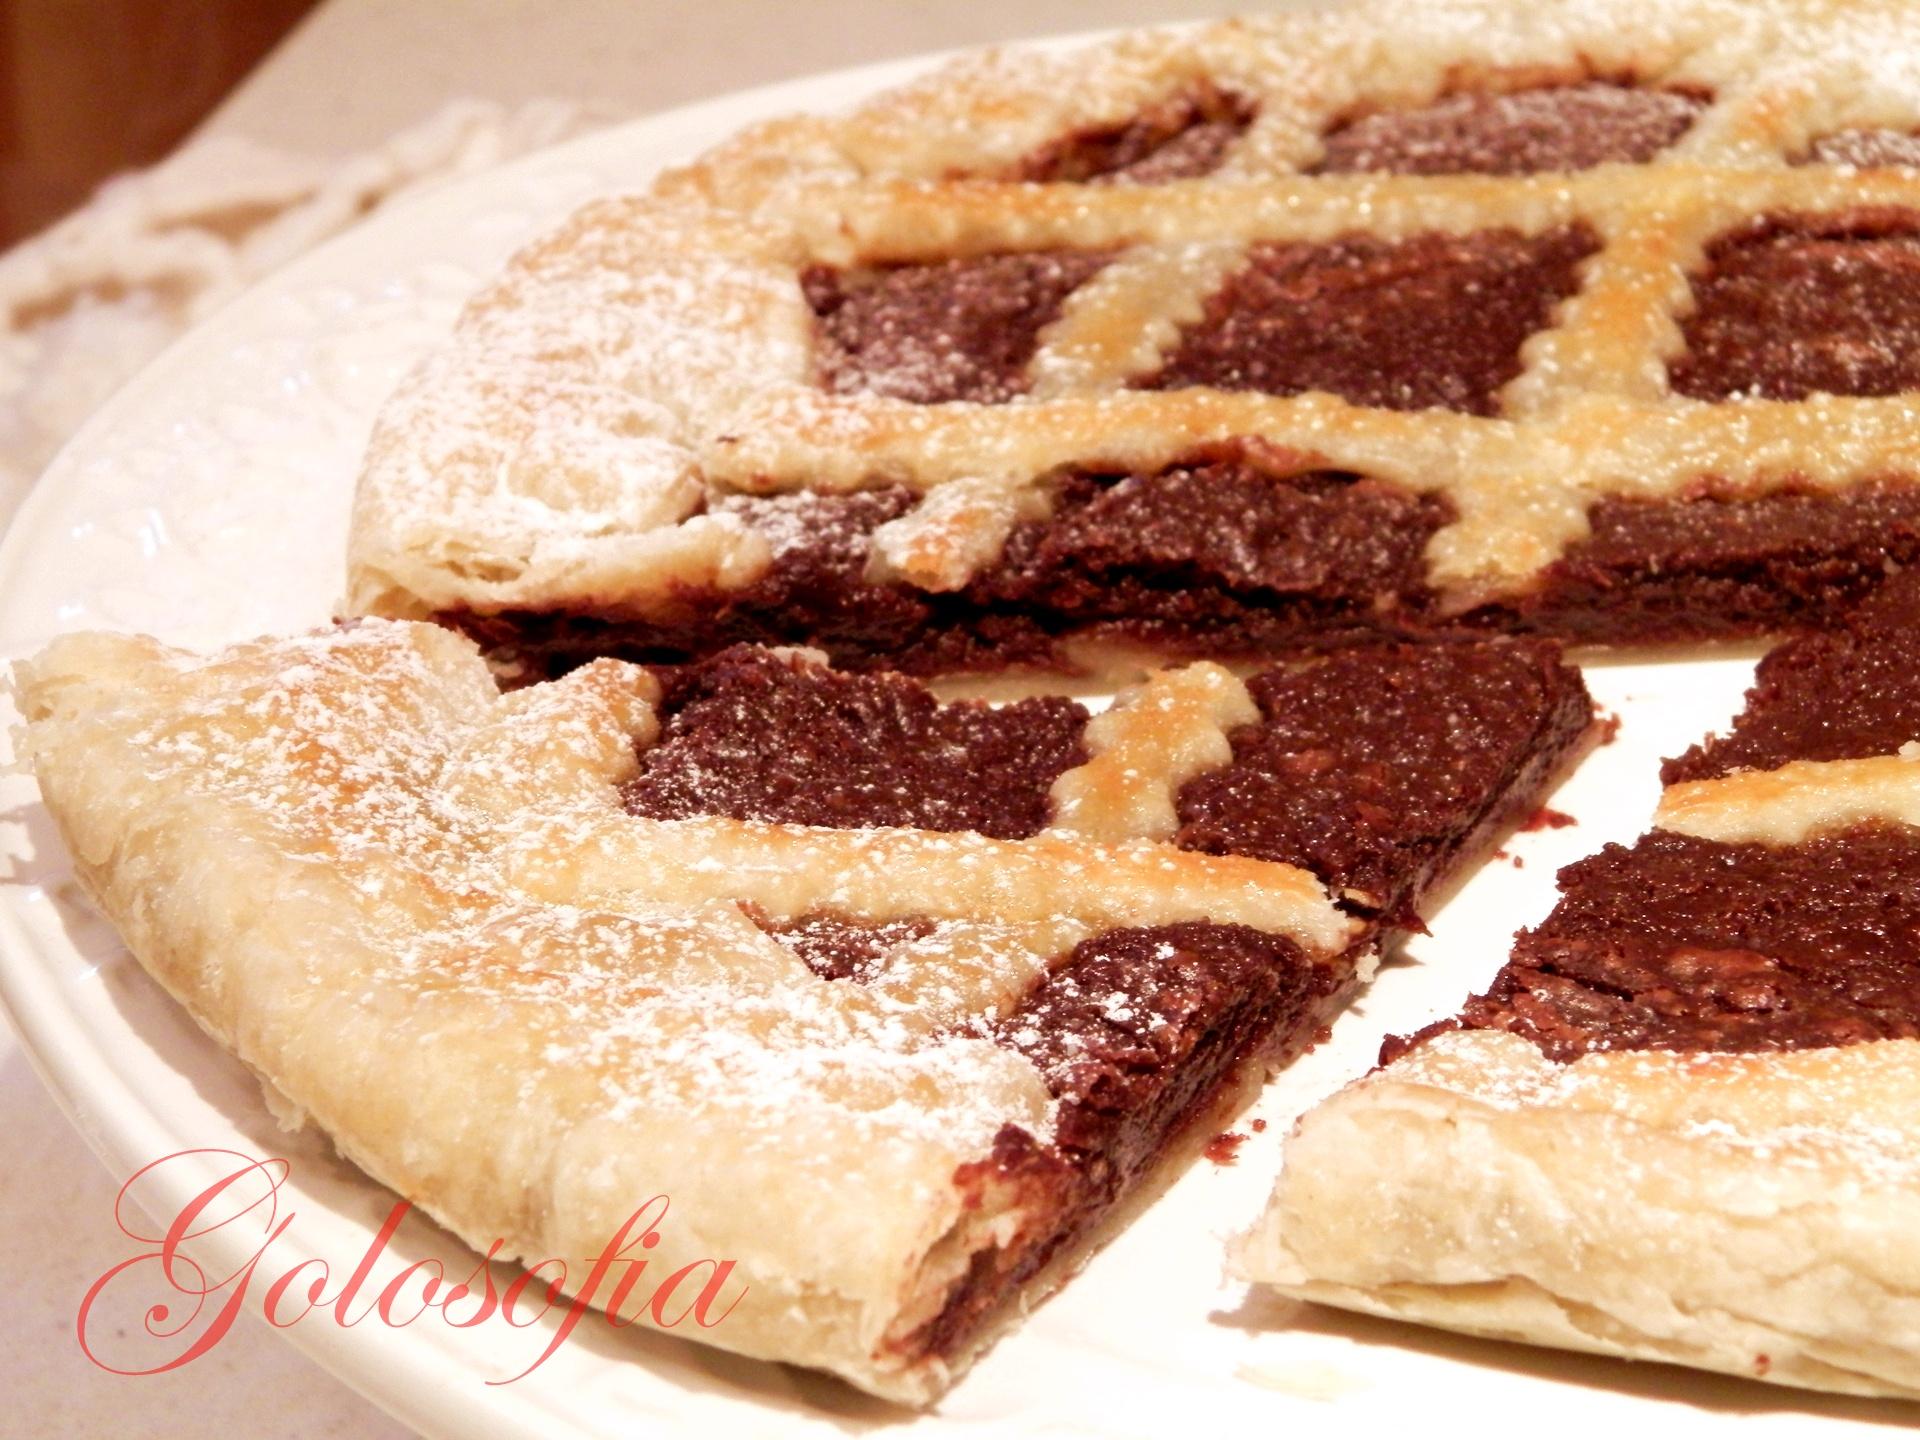 Ricetta torta alla nutella con pasta sfoglia